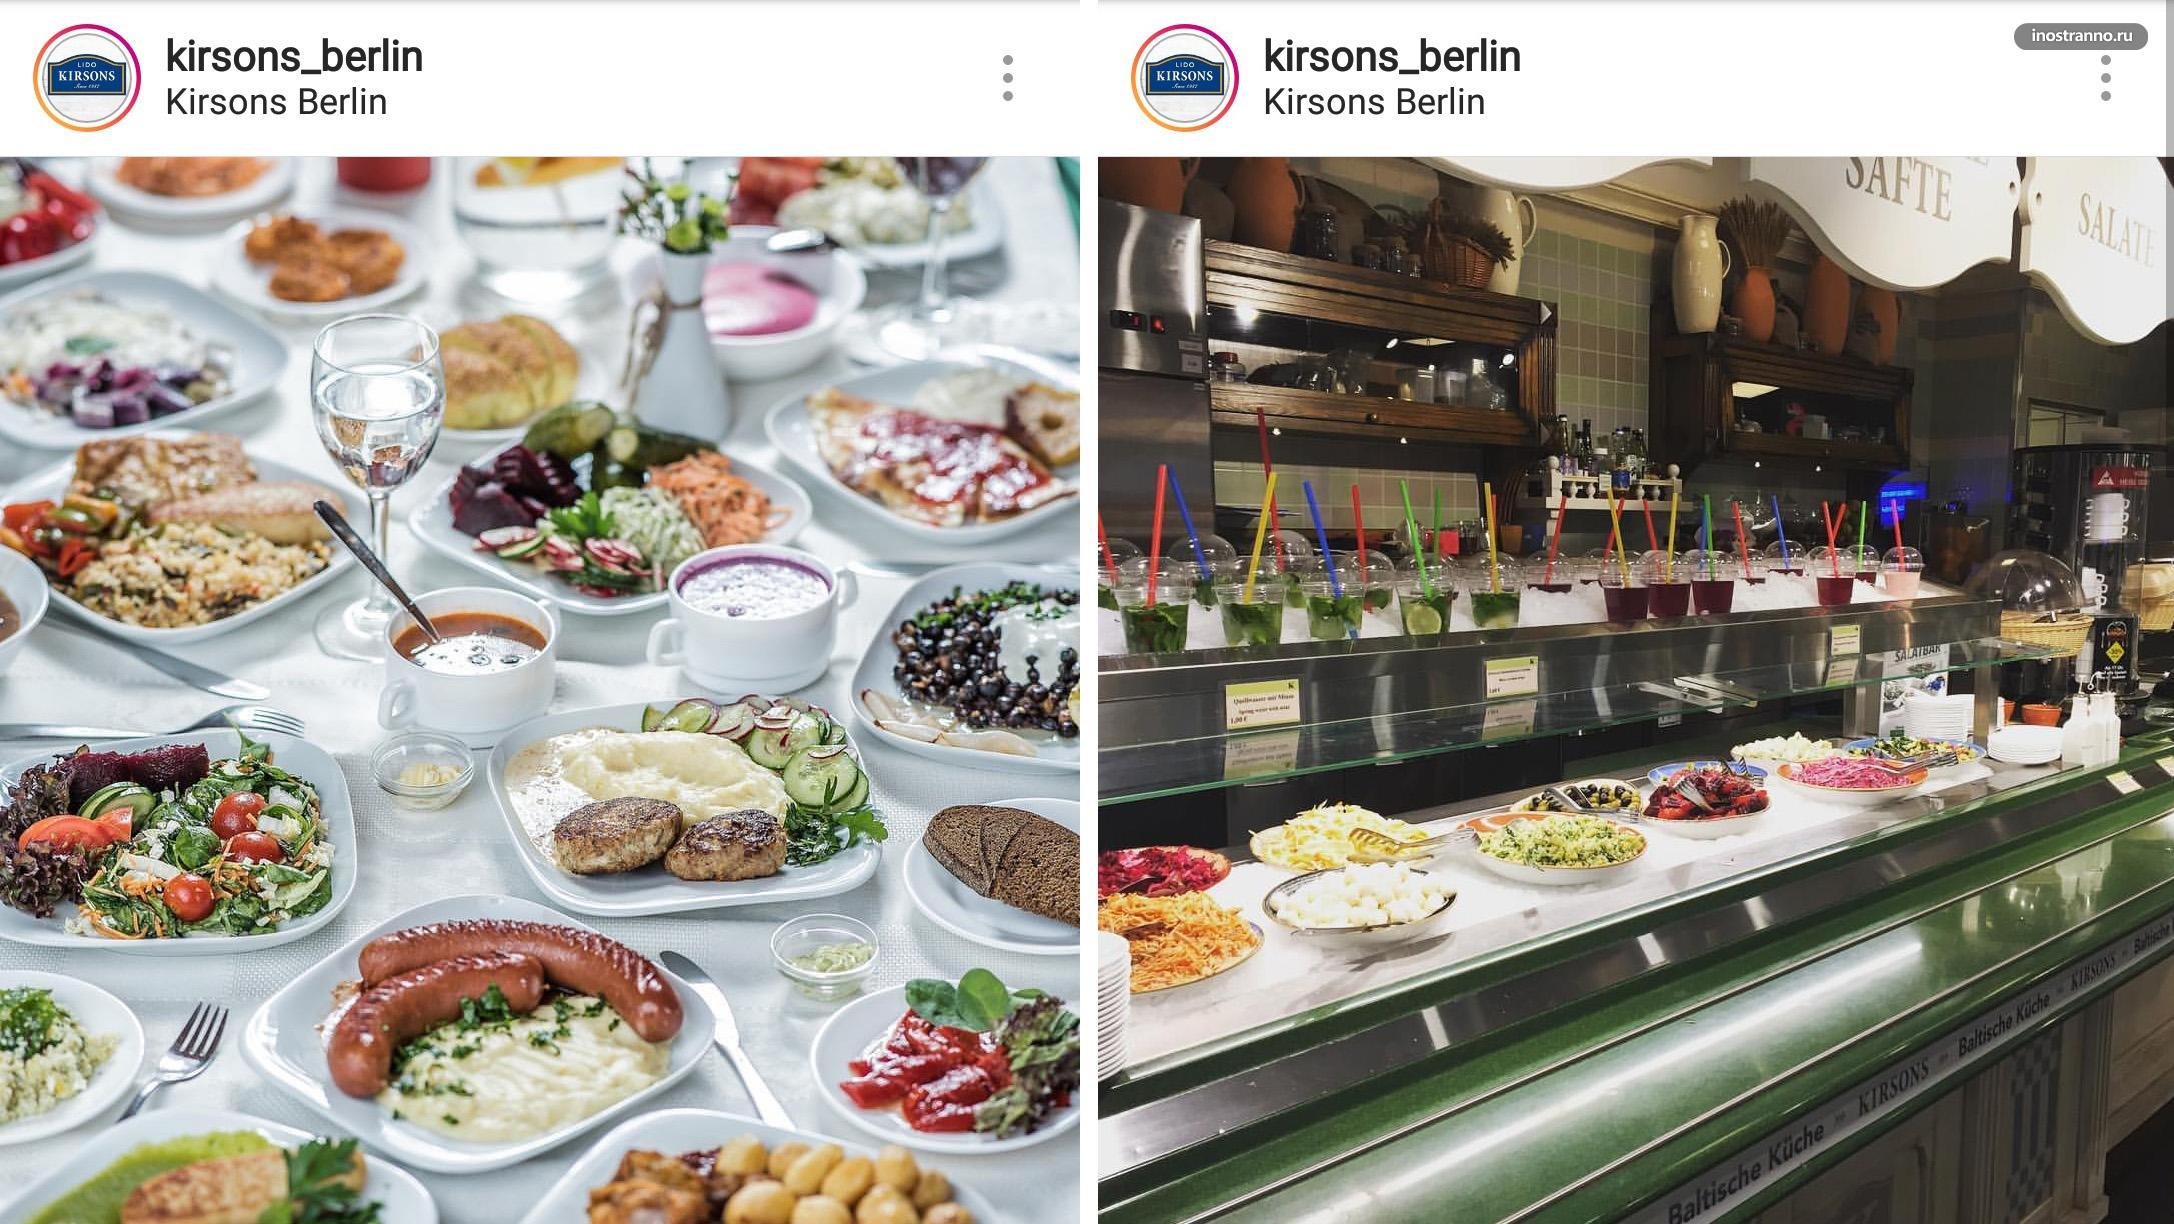 Lido Kirsons в Берлине домашняя еда